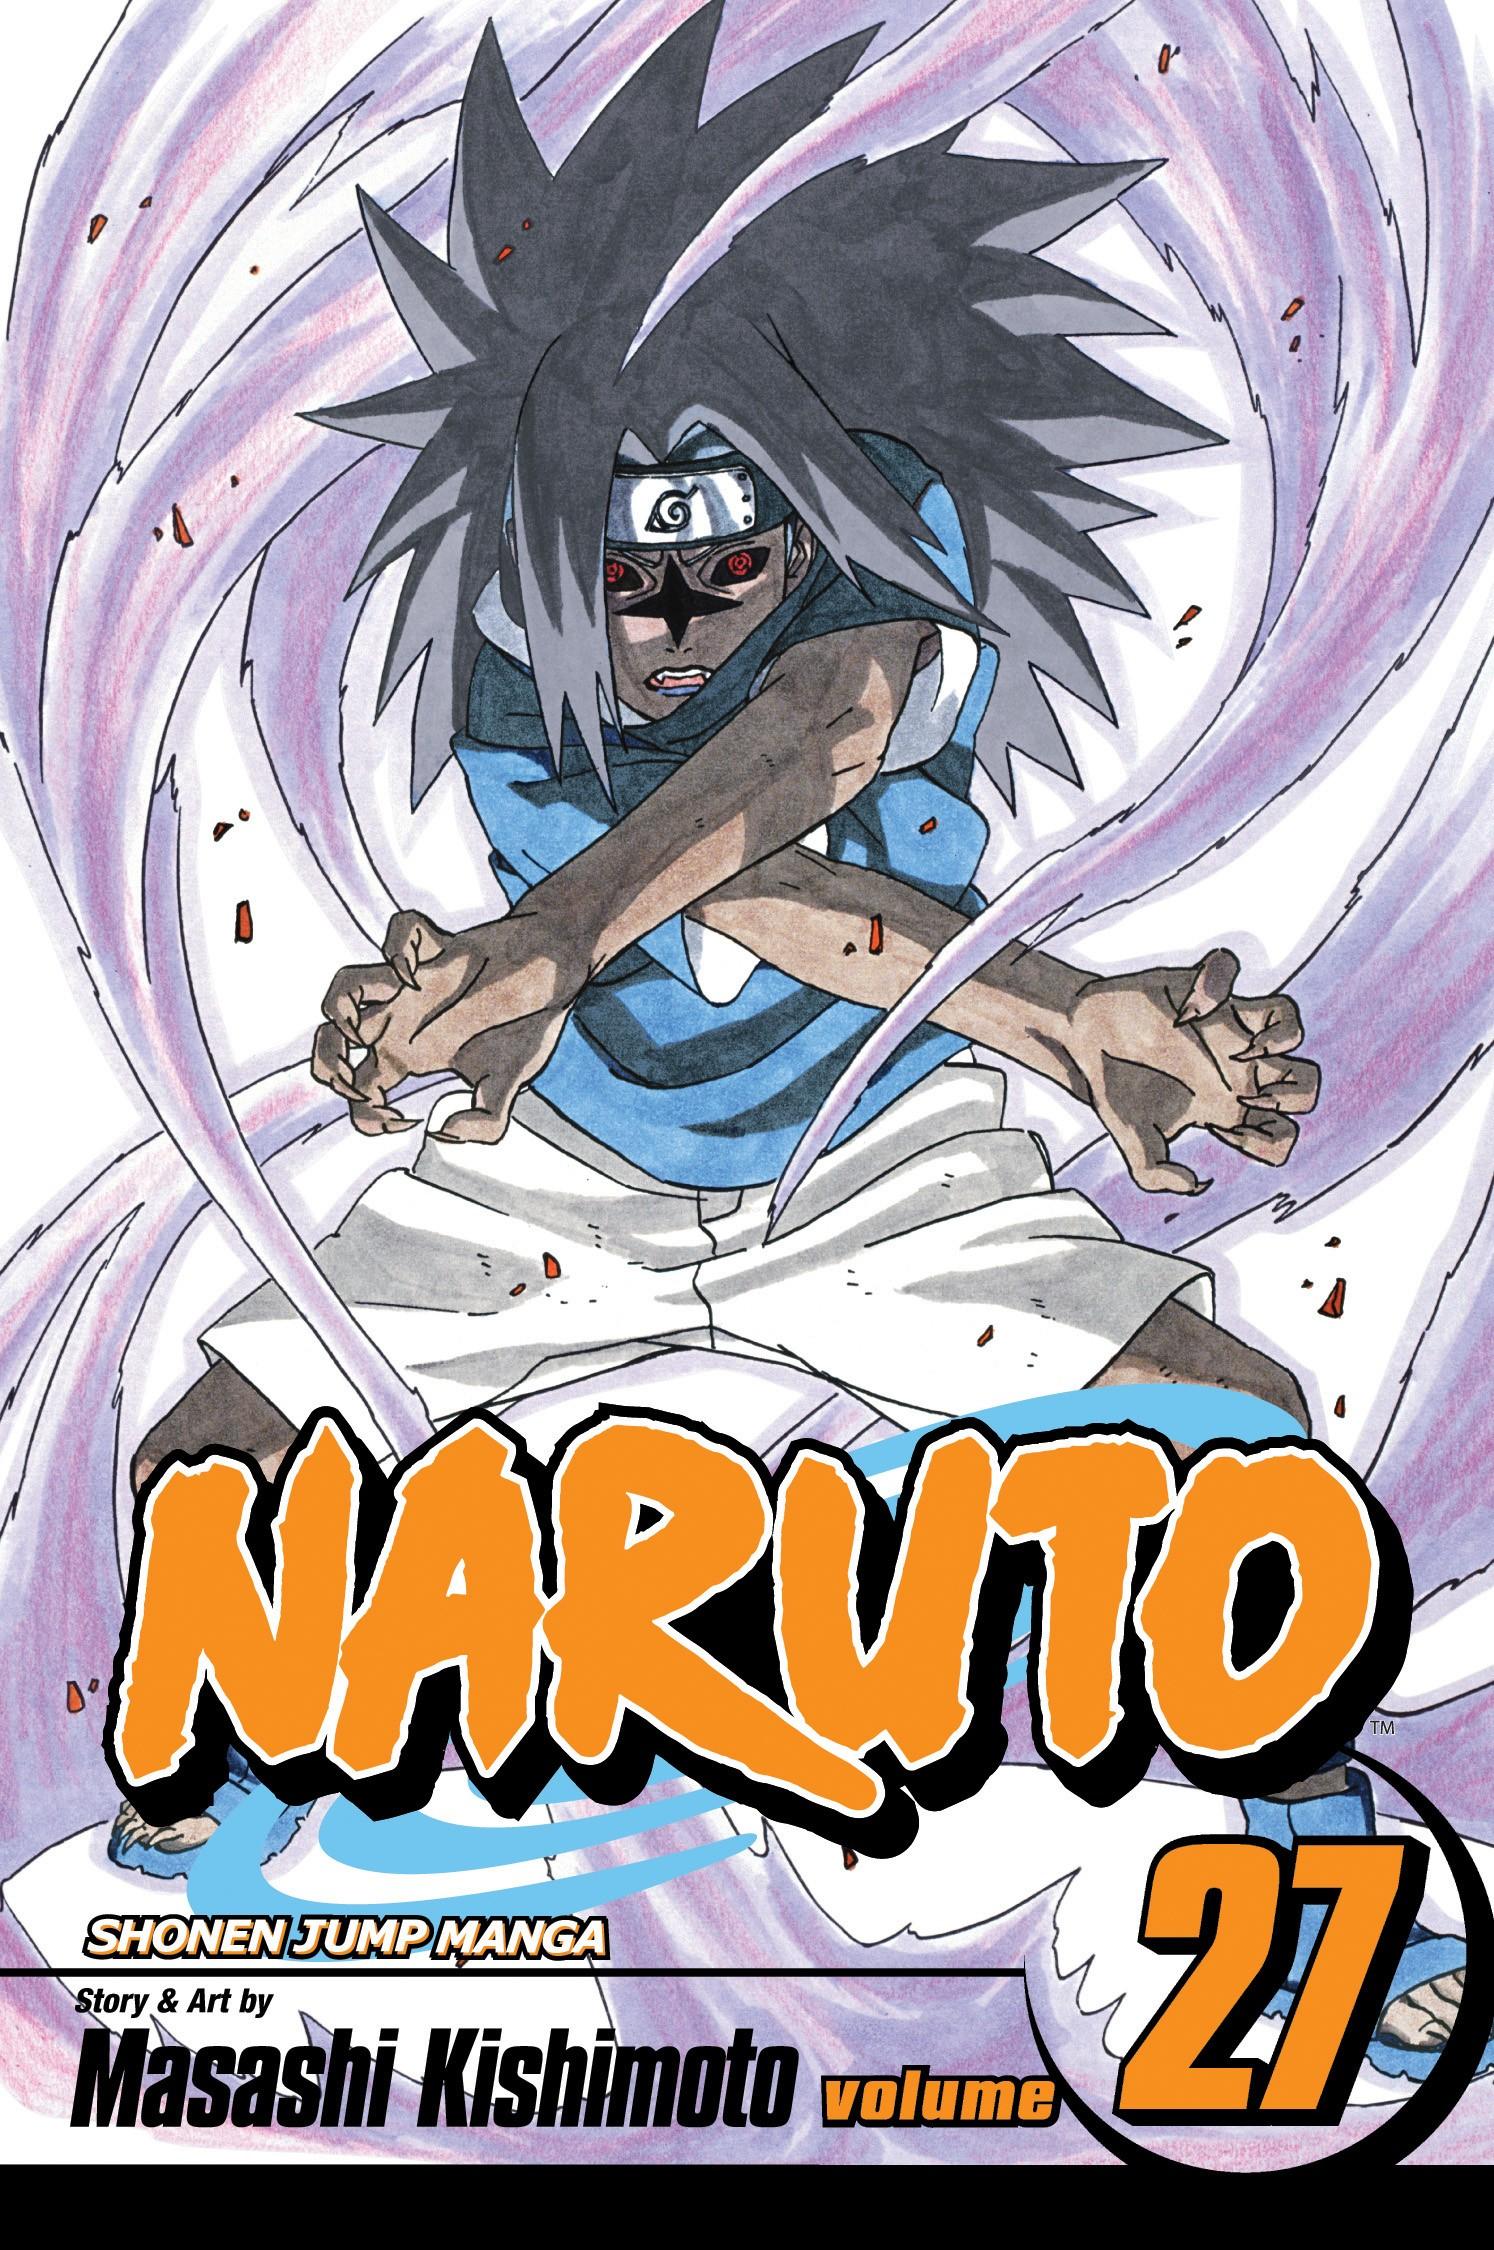 Naruto, Vol. 27 by Masashi Kishimoto